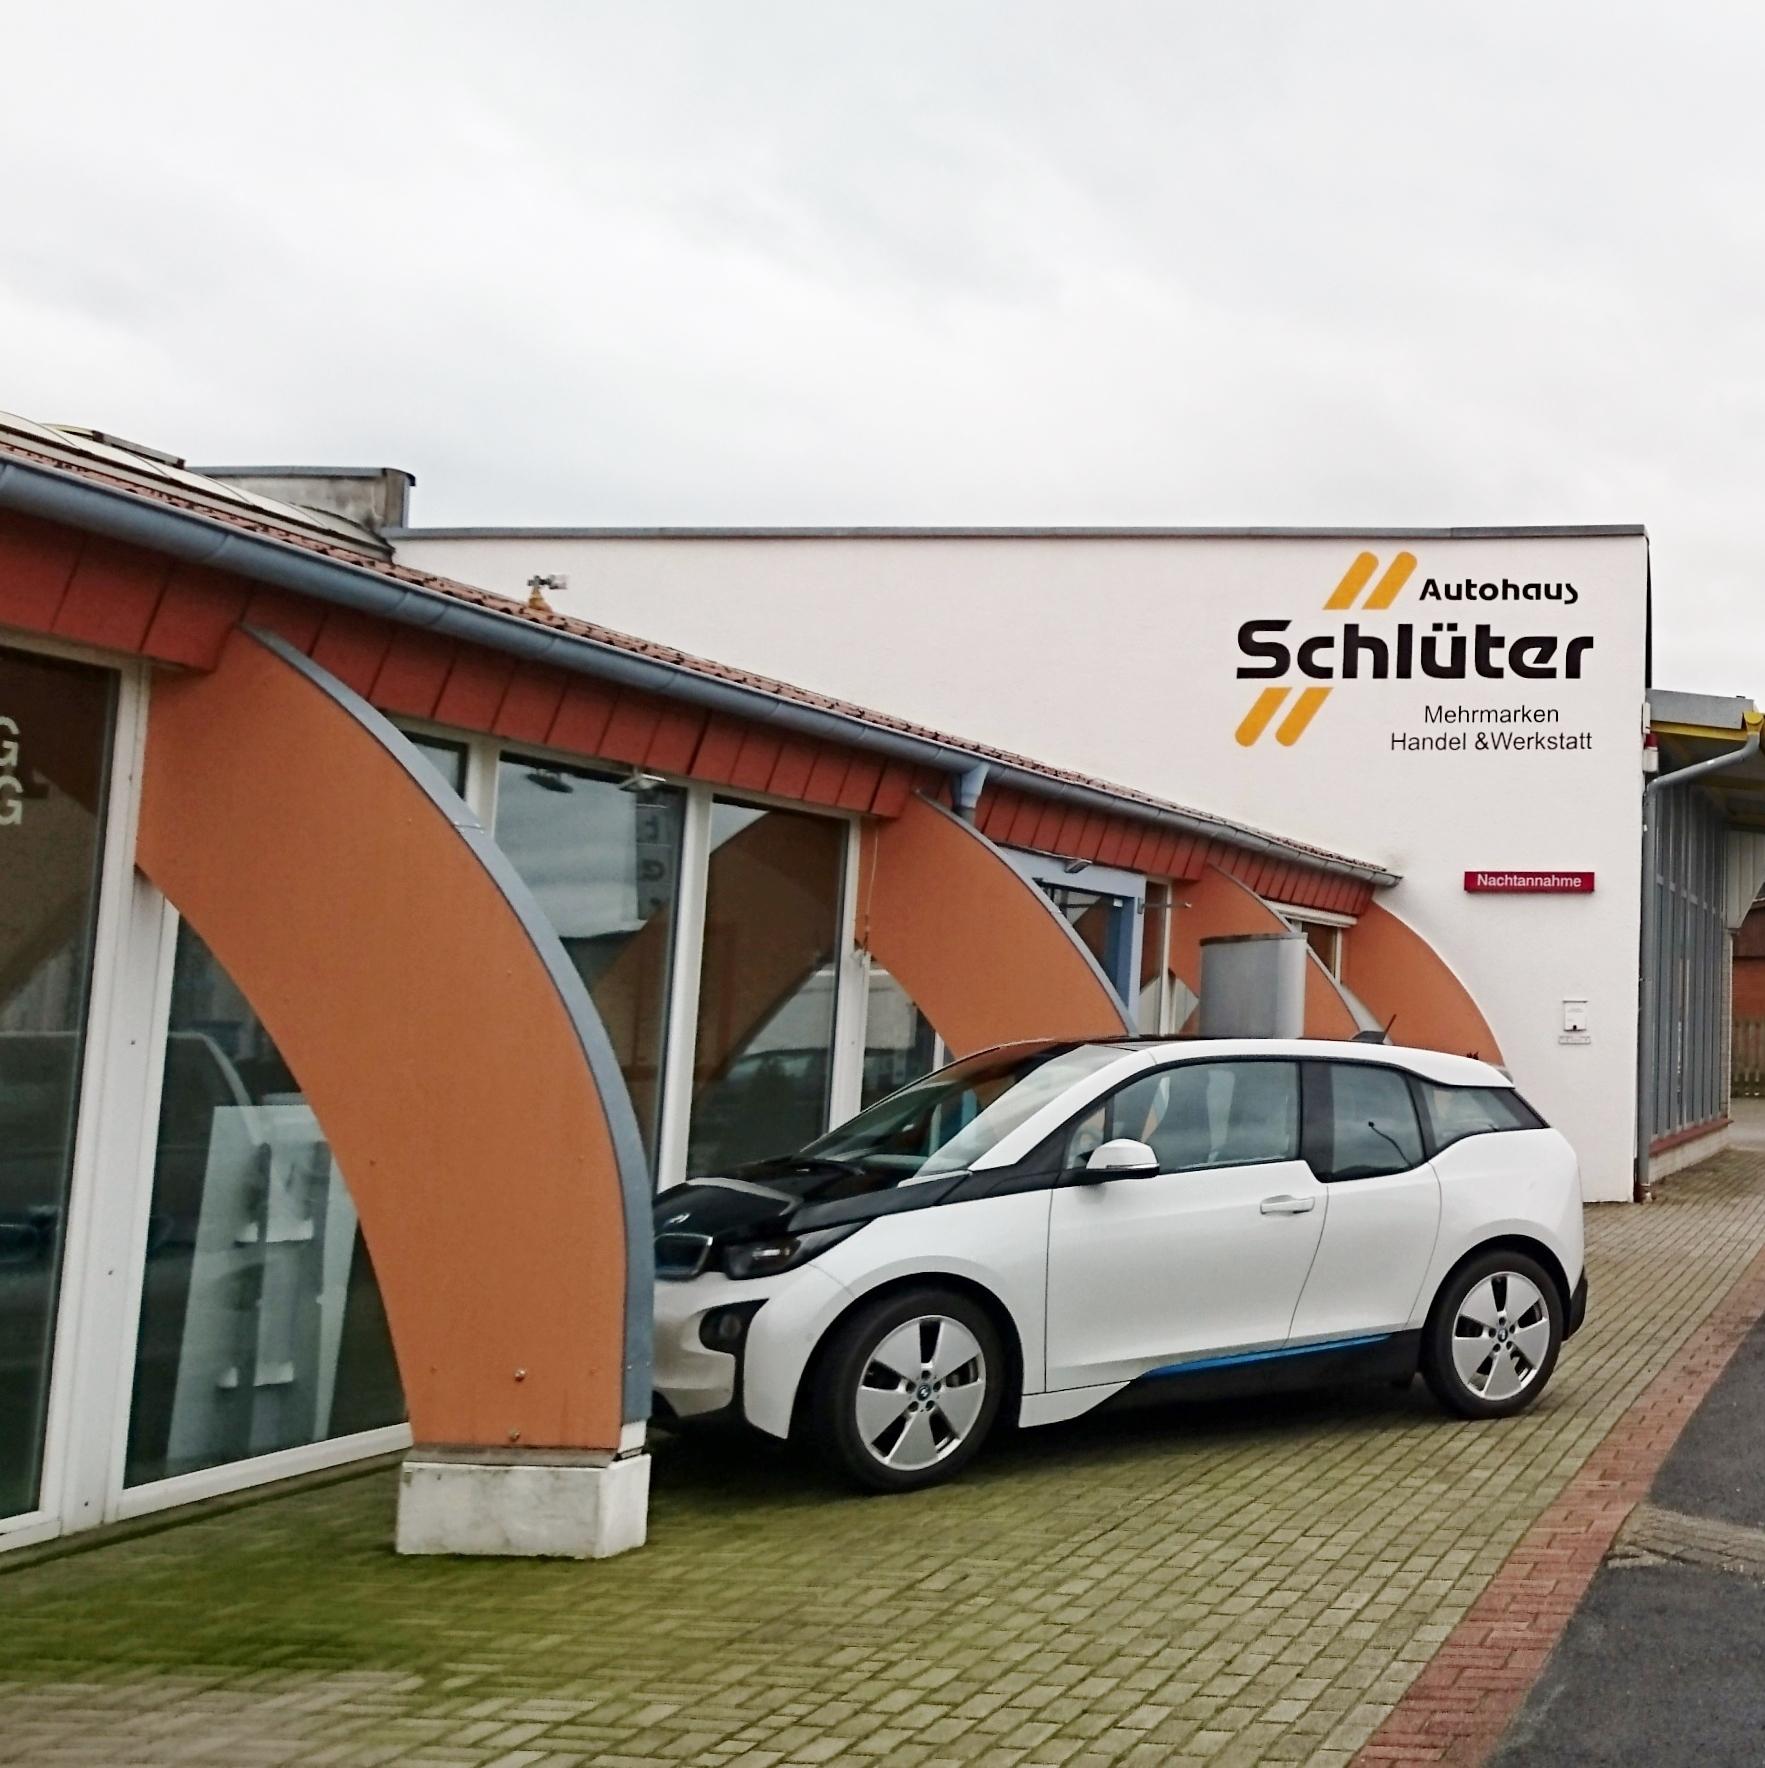 Autohaus Schlüter Aussenansicht mit BMW i3